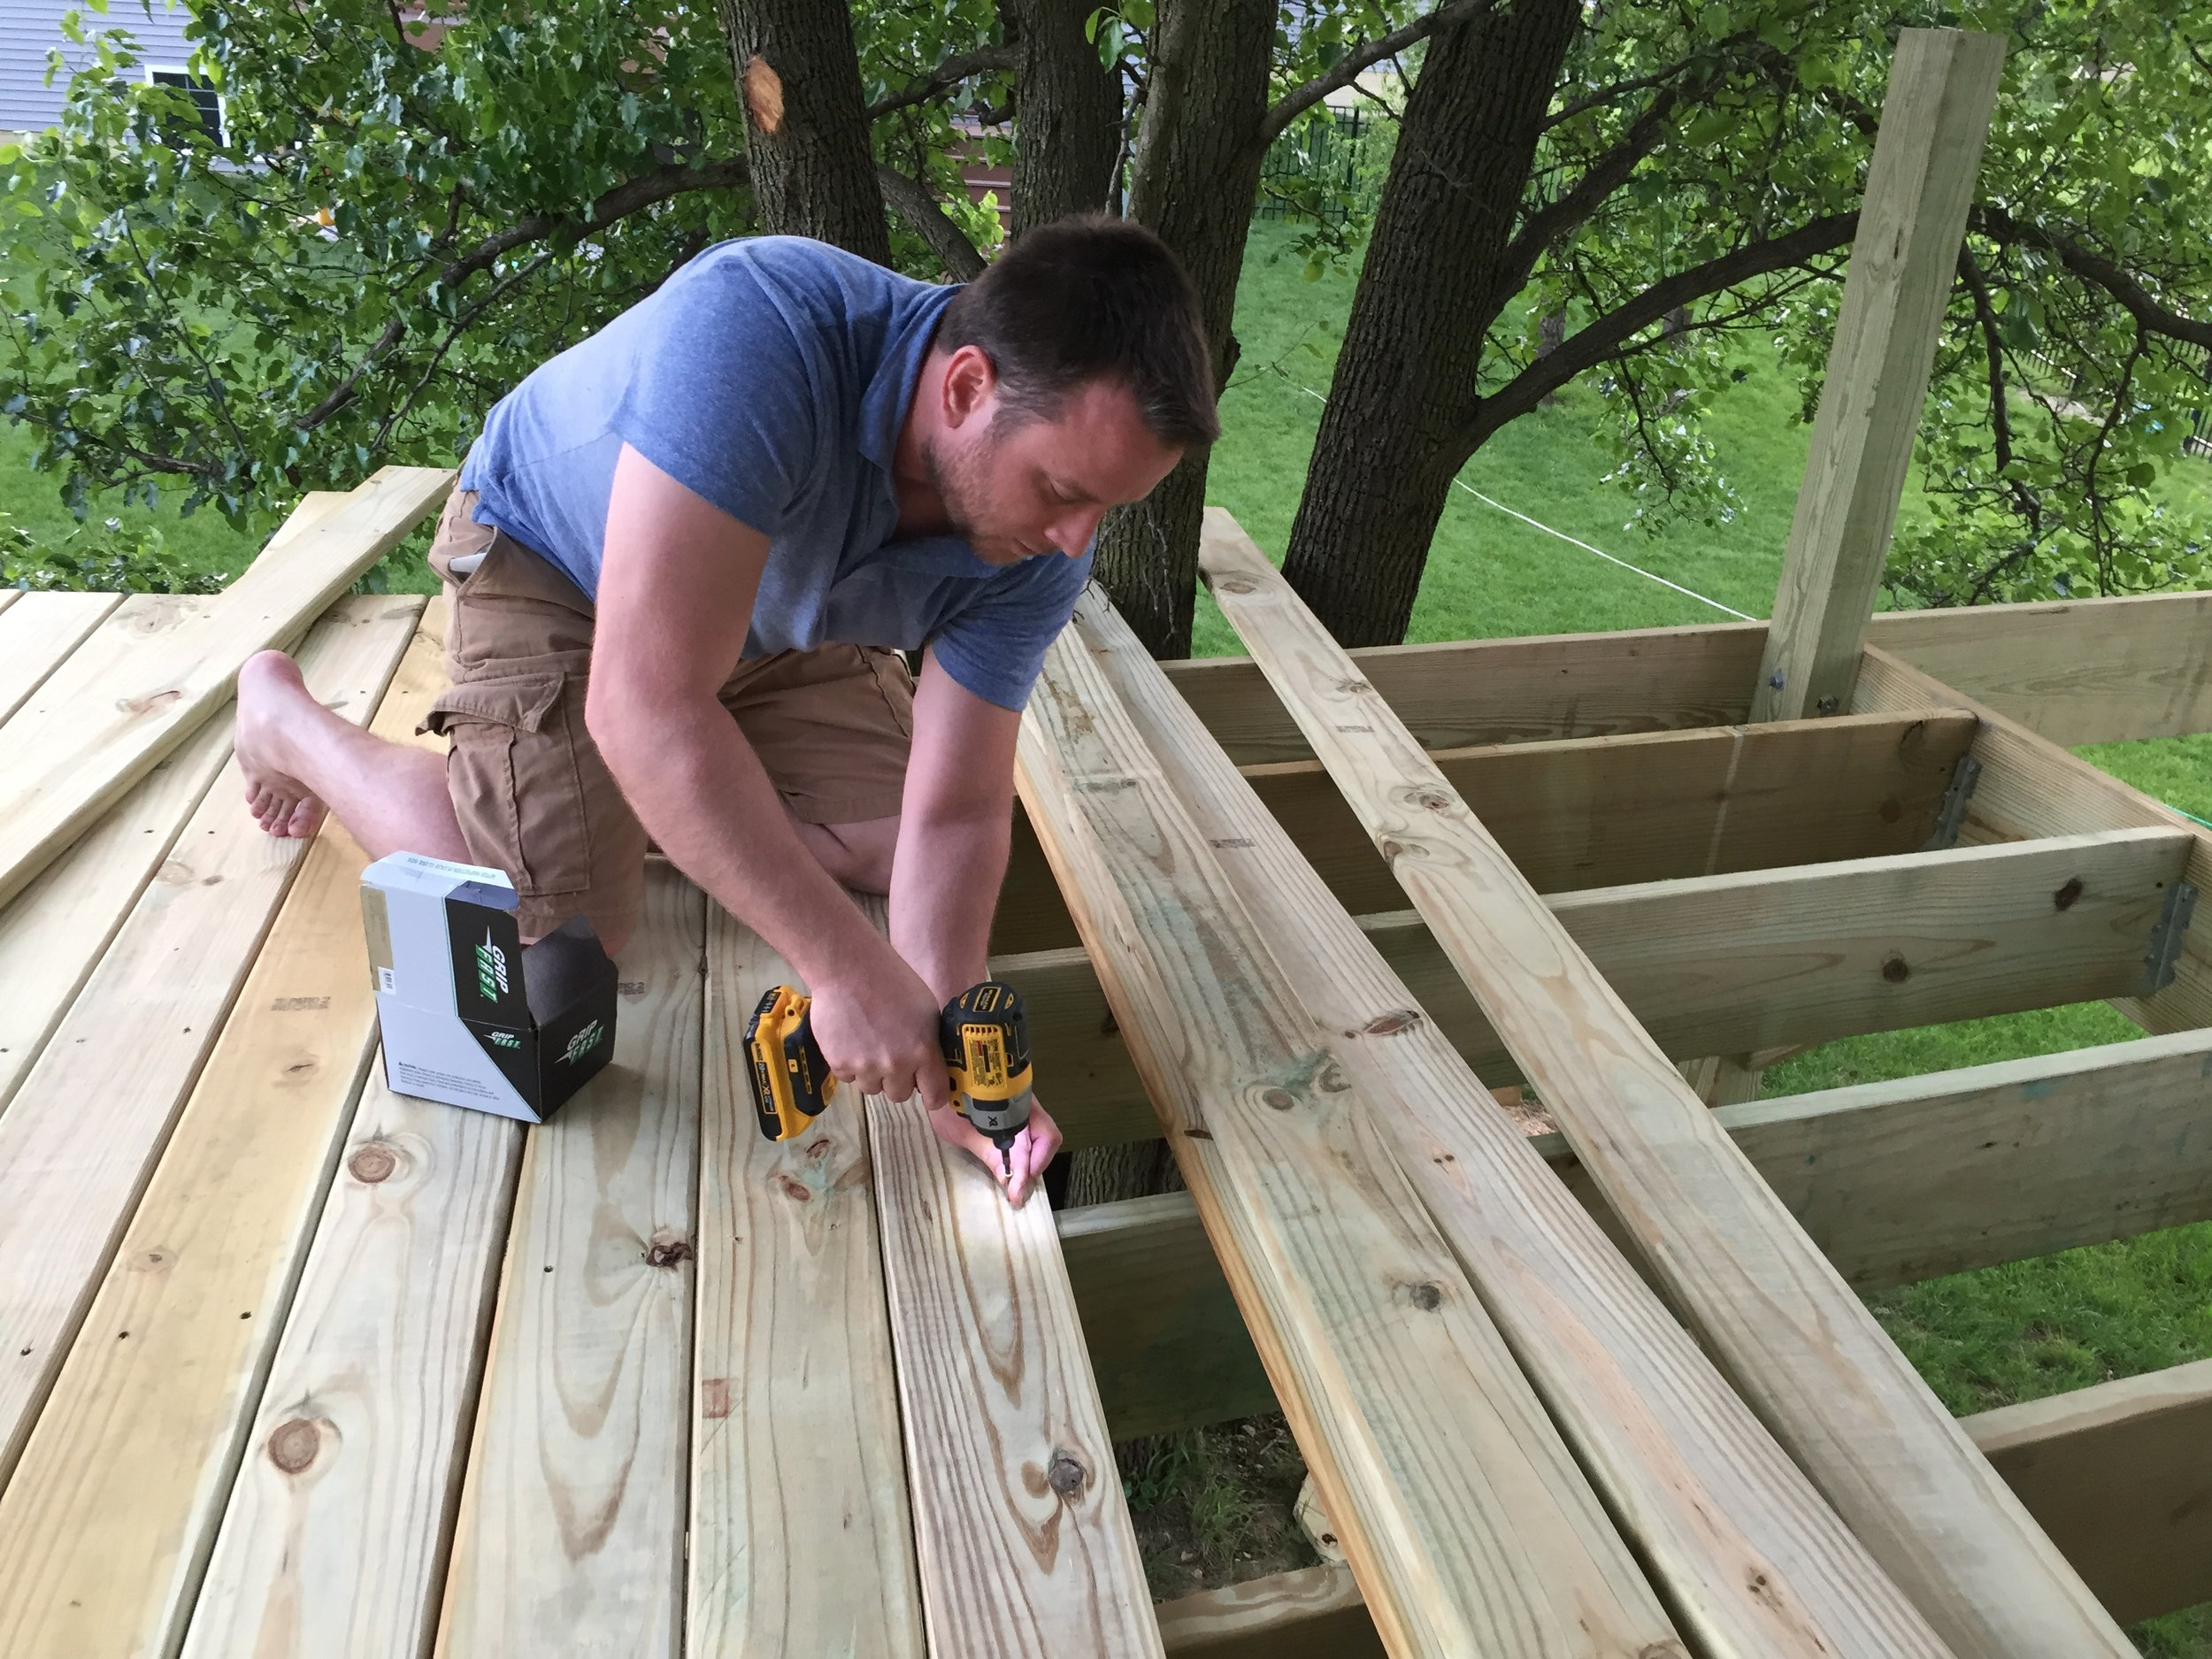 Screwing in the deck screws